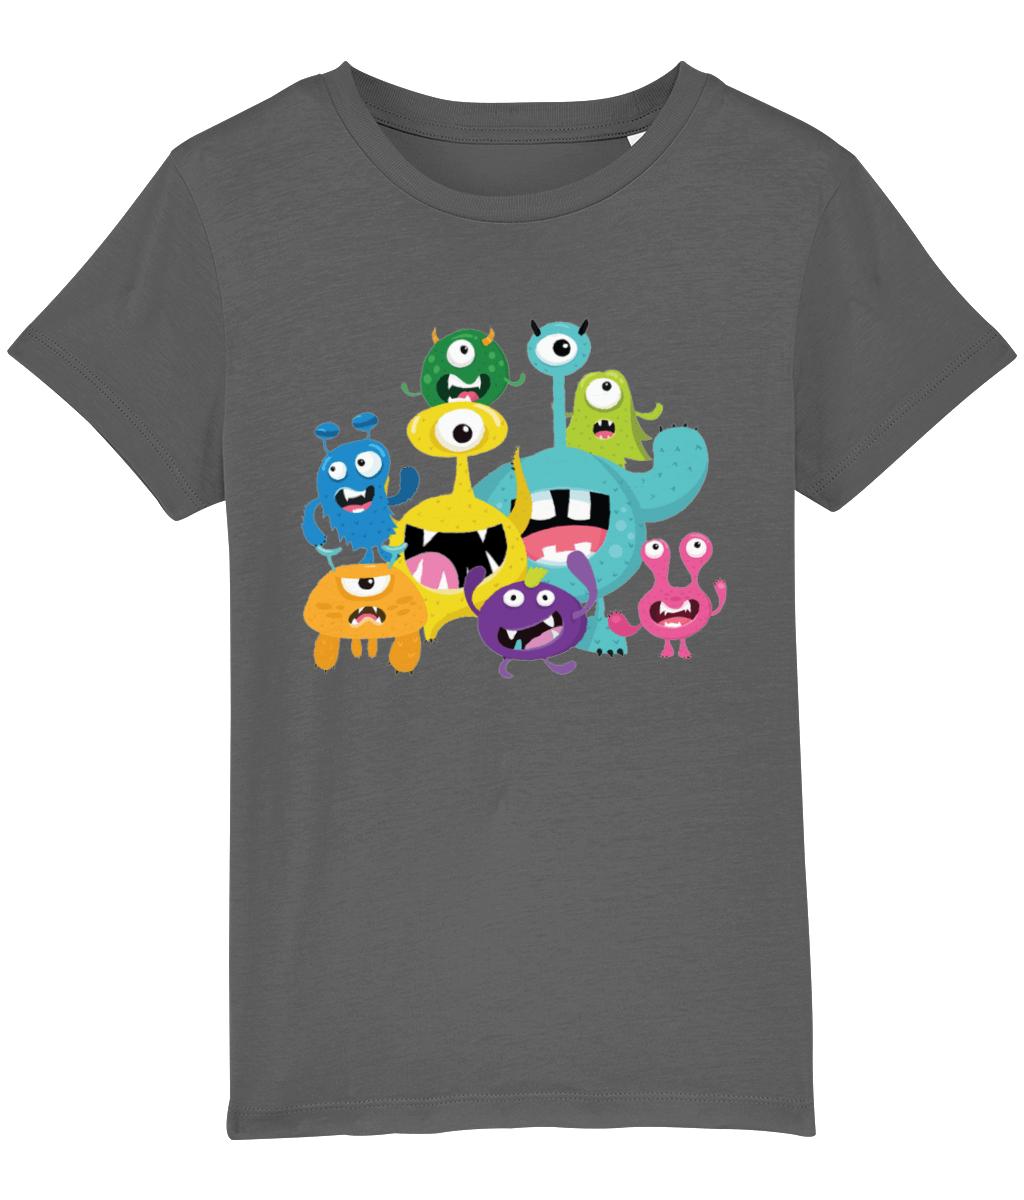 Kids little monsters T shirt papa65